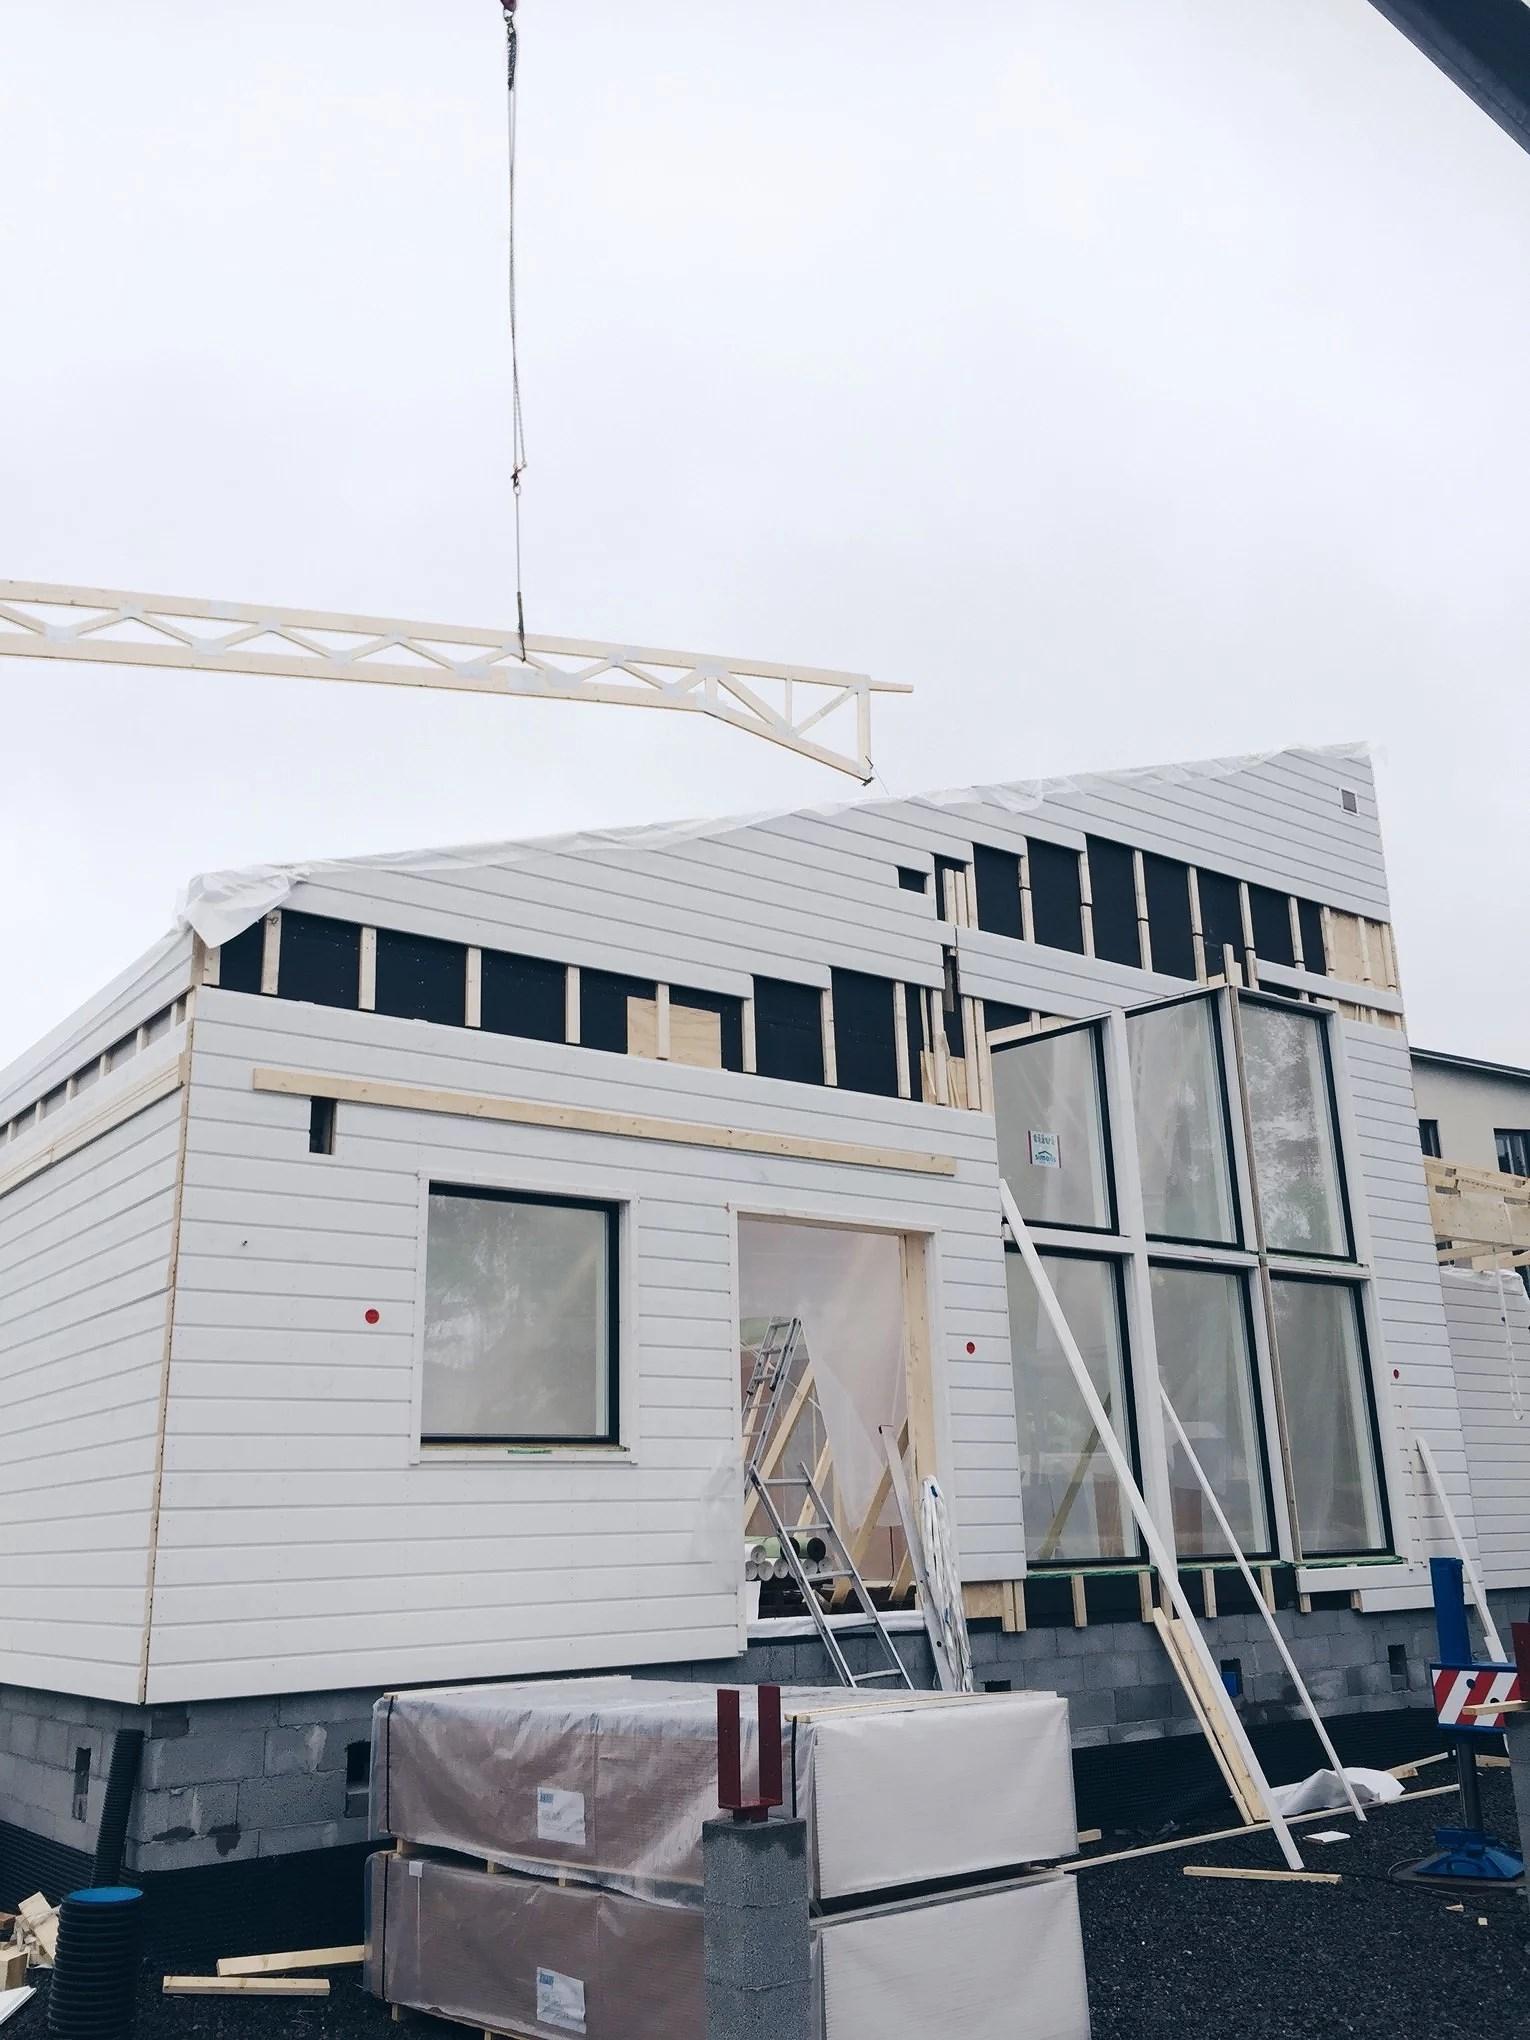 HUSBYGGET STEG FÖR STEG, DEL TVÅ